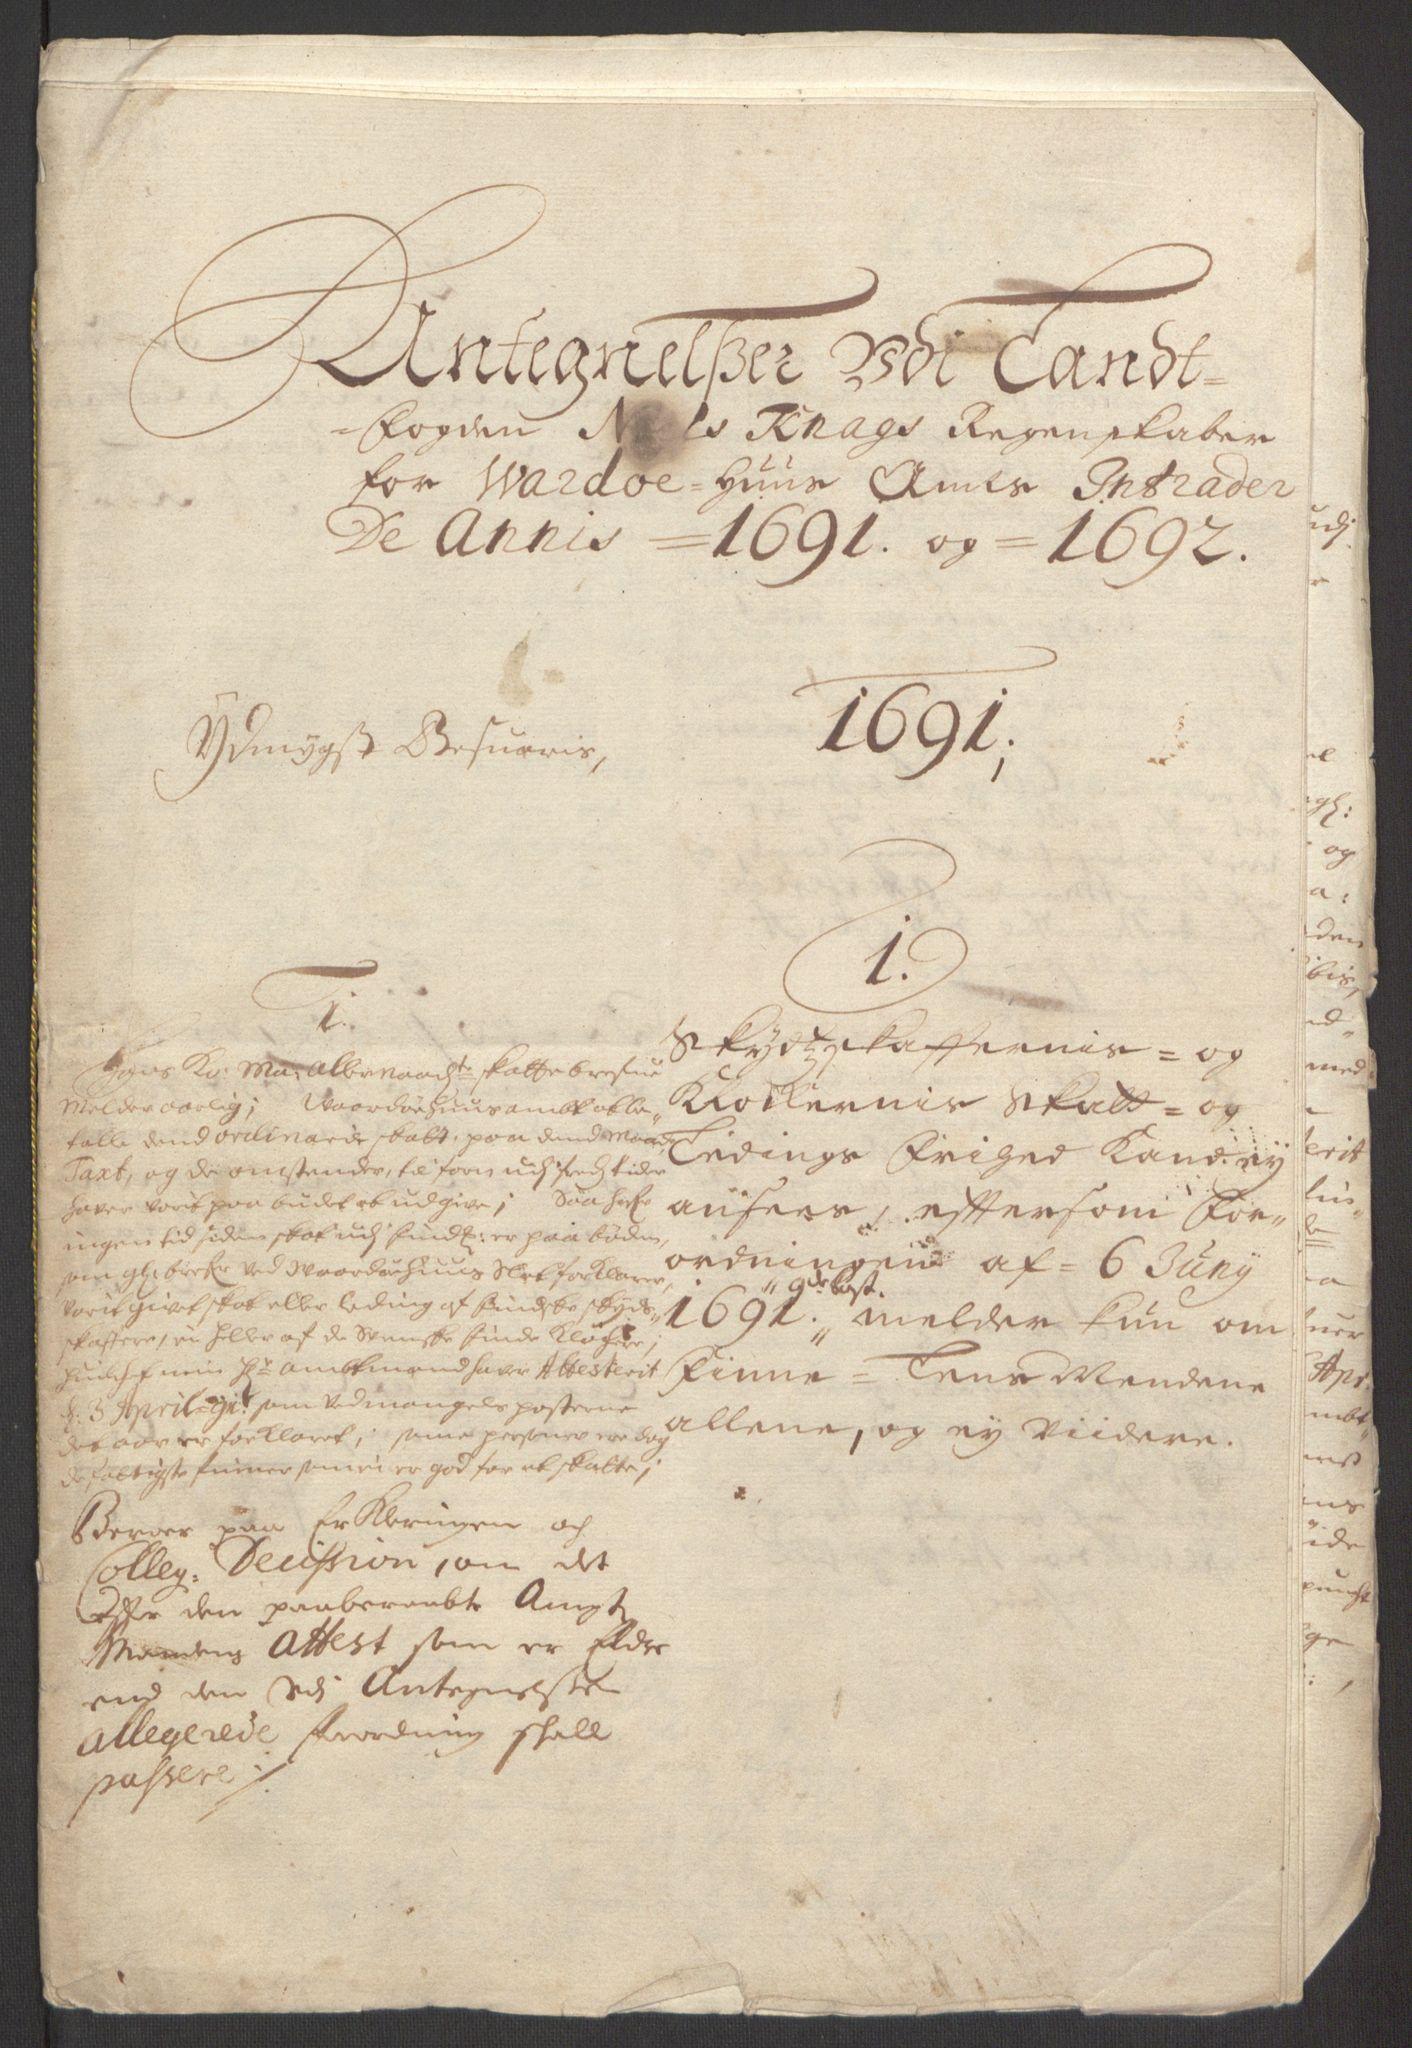 RA, Rentekammeret inntil 1814, Reviderte regnskaper, Fogderegnskap, R69/L4851: Fogderegnskap Finnmark/Vardøhus, 1691-1700, s. 219